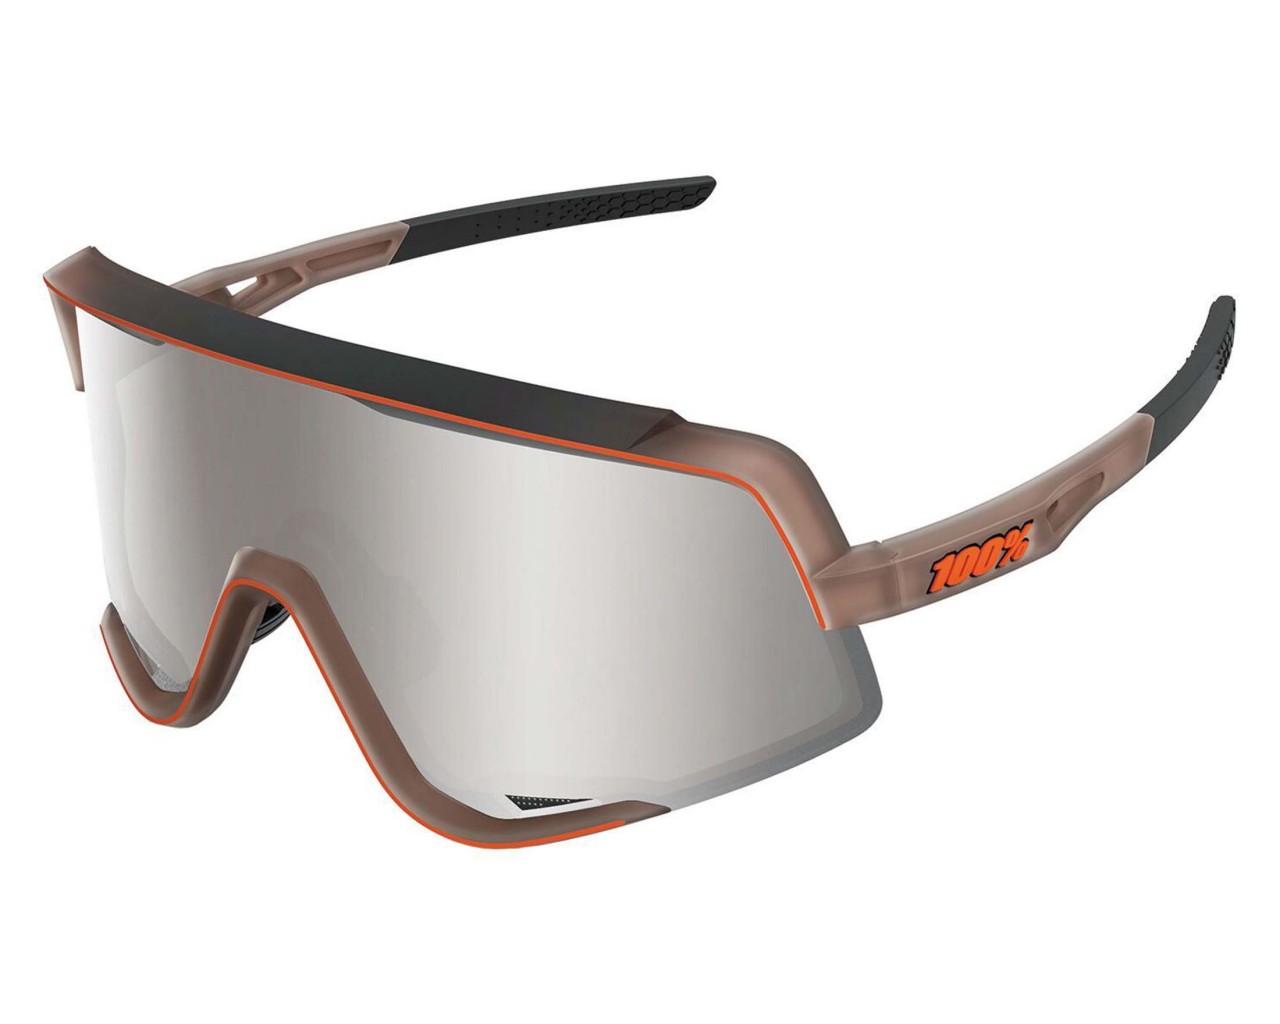 100% Glendale - Hiper Multilayer Mirror Lens Sportbrille | matte translucent brown fade